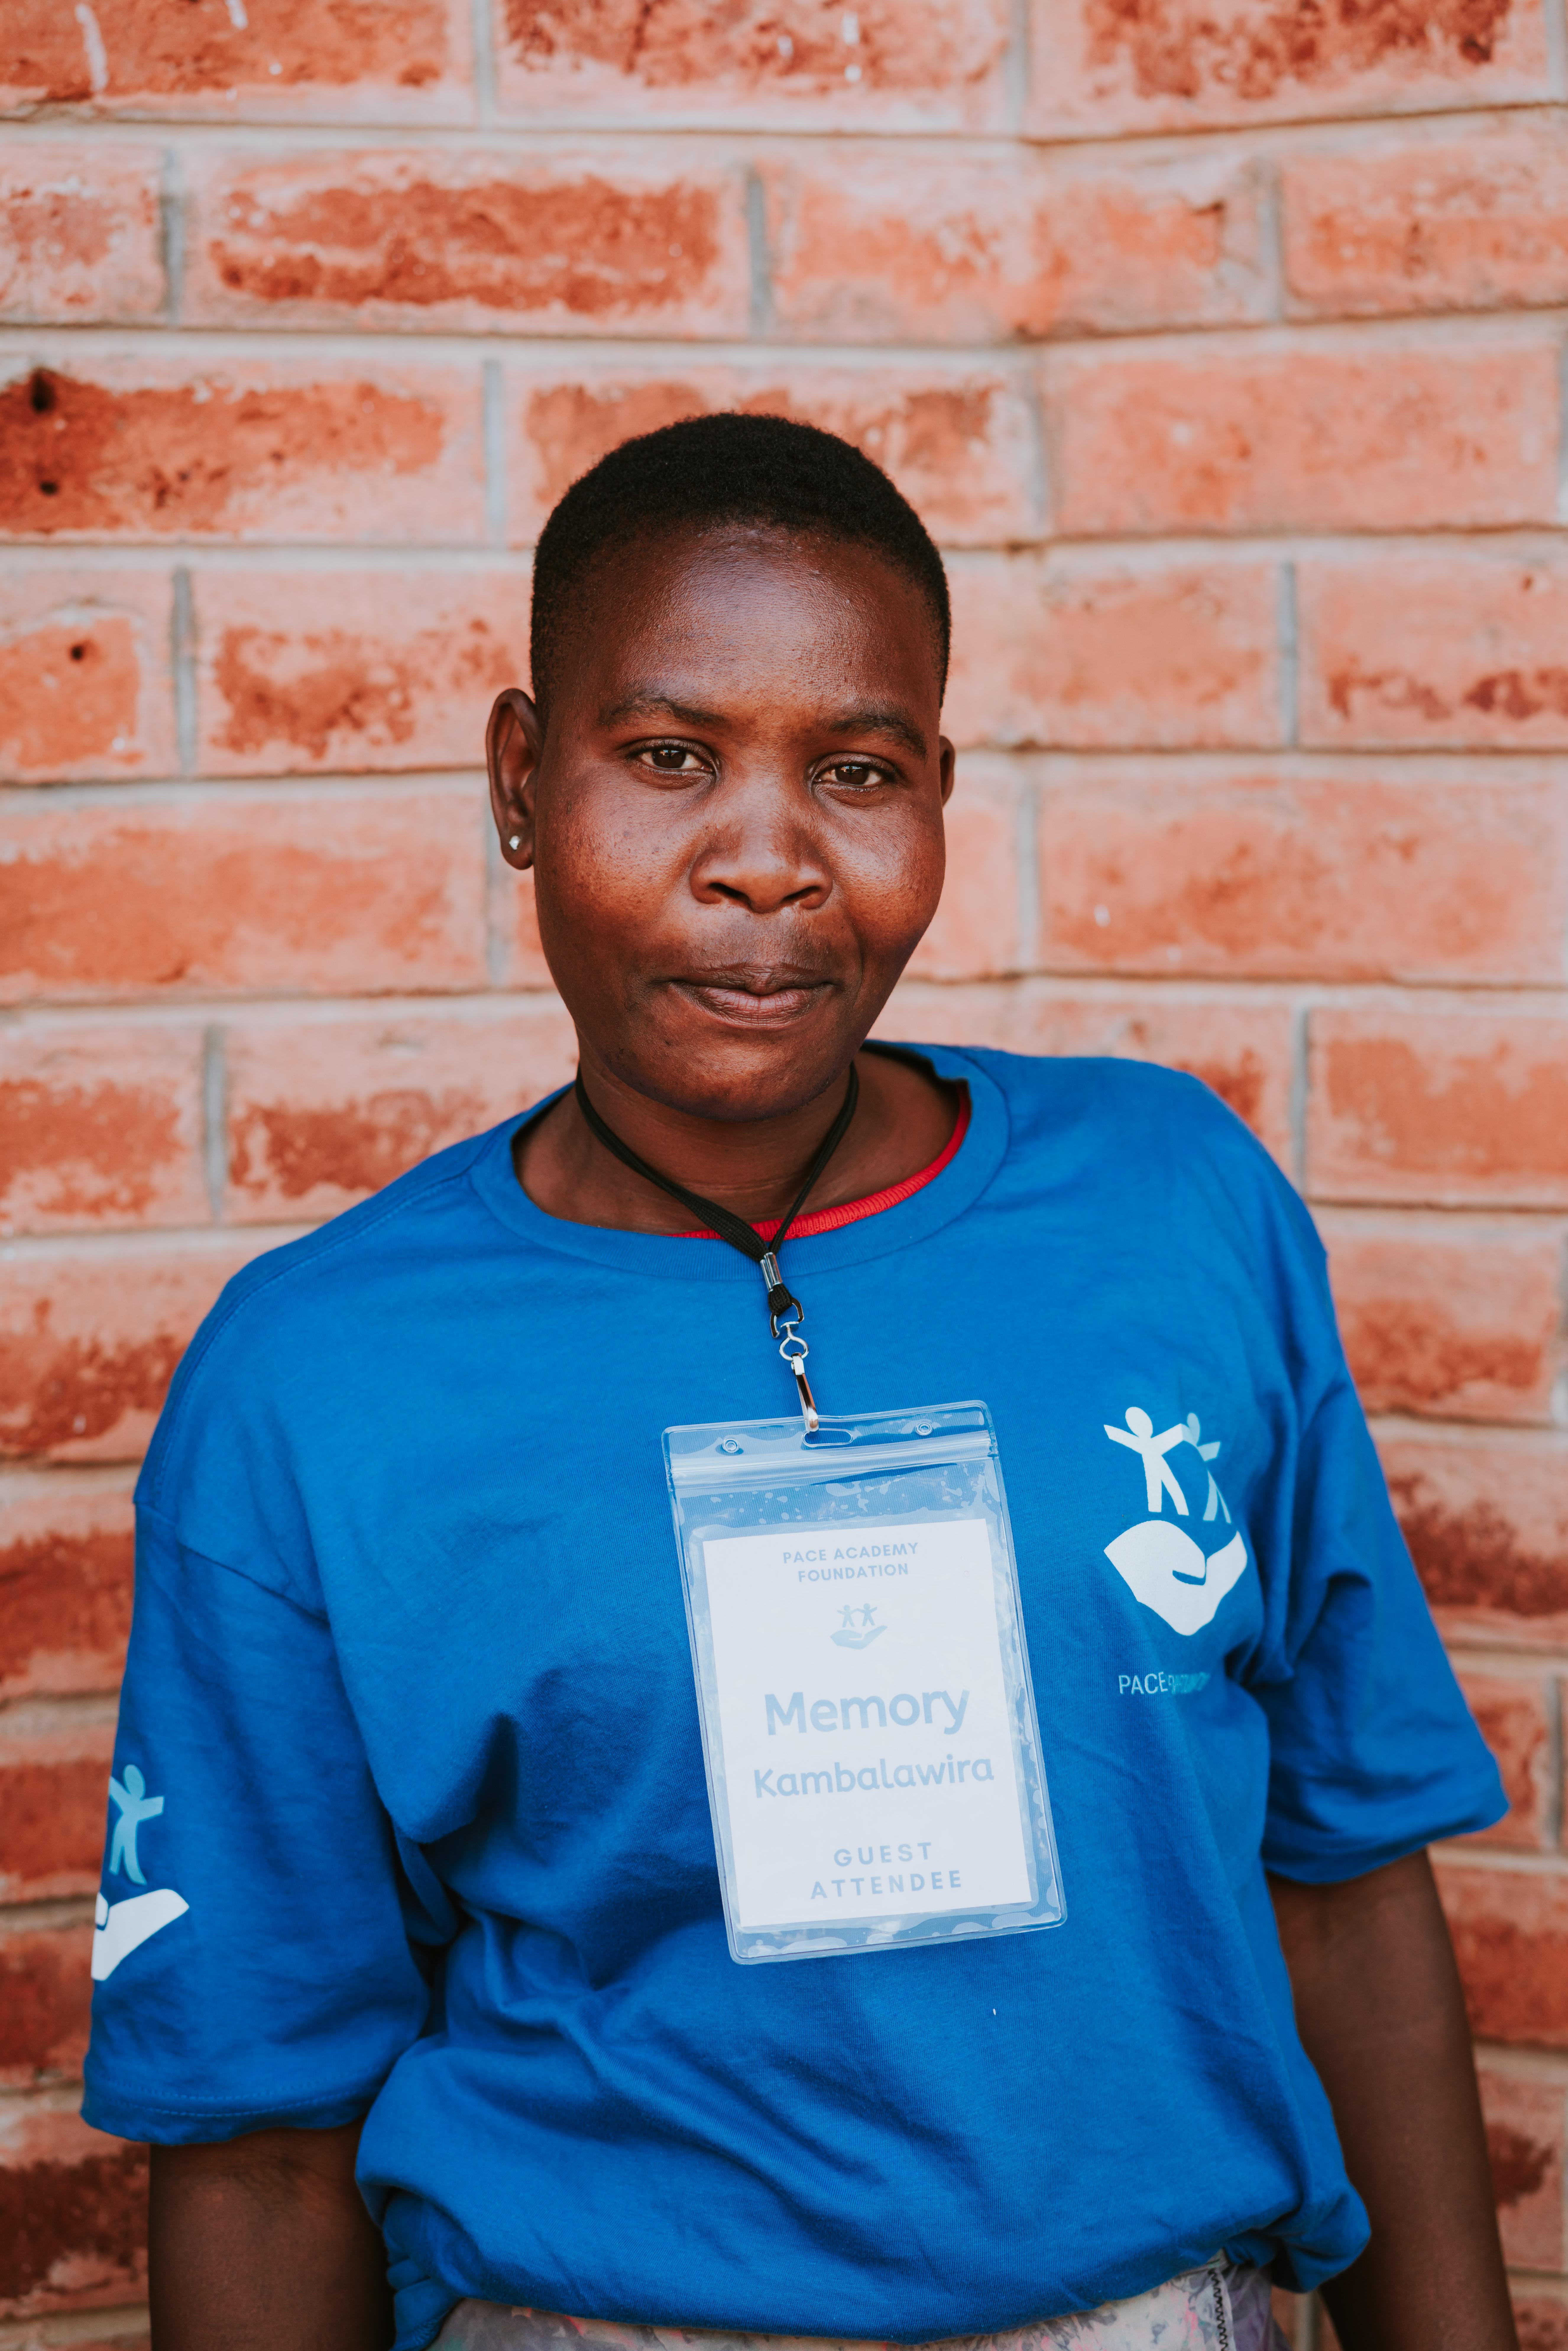 Memory Kambalawira (Guest Attendee)